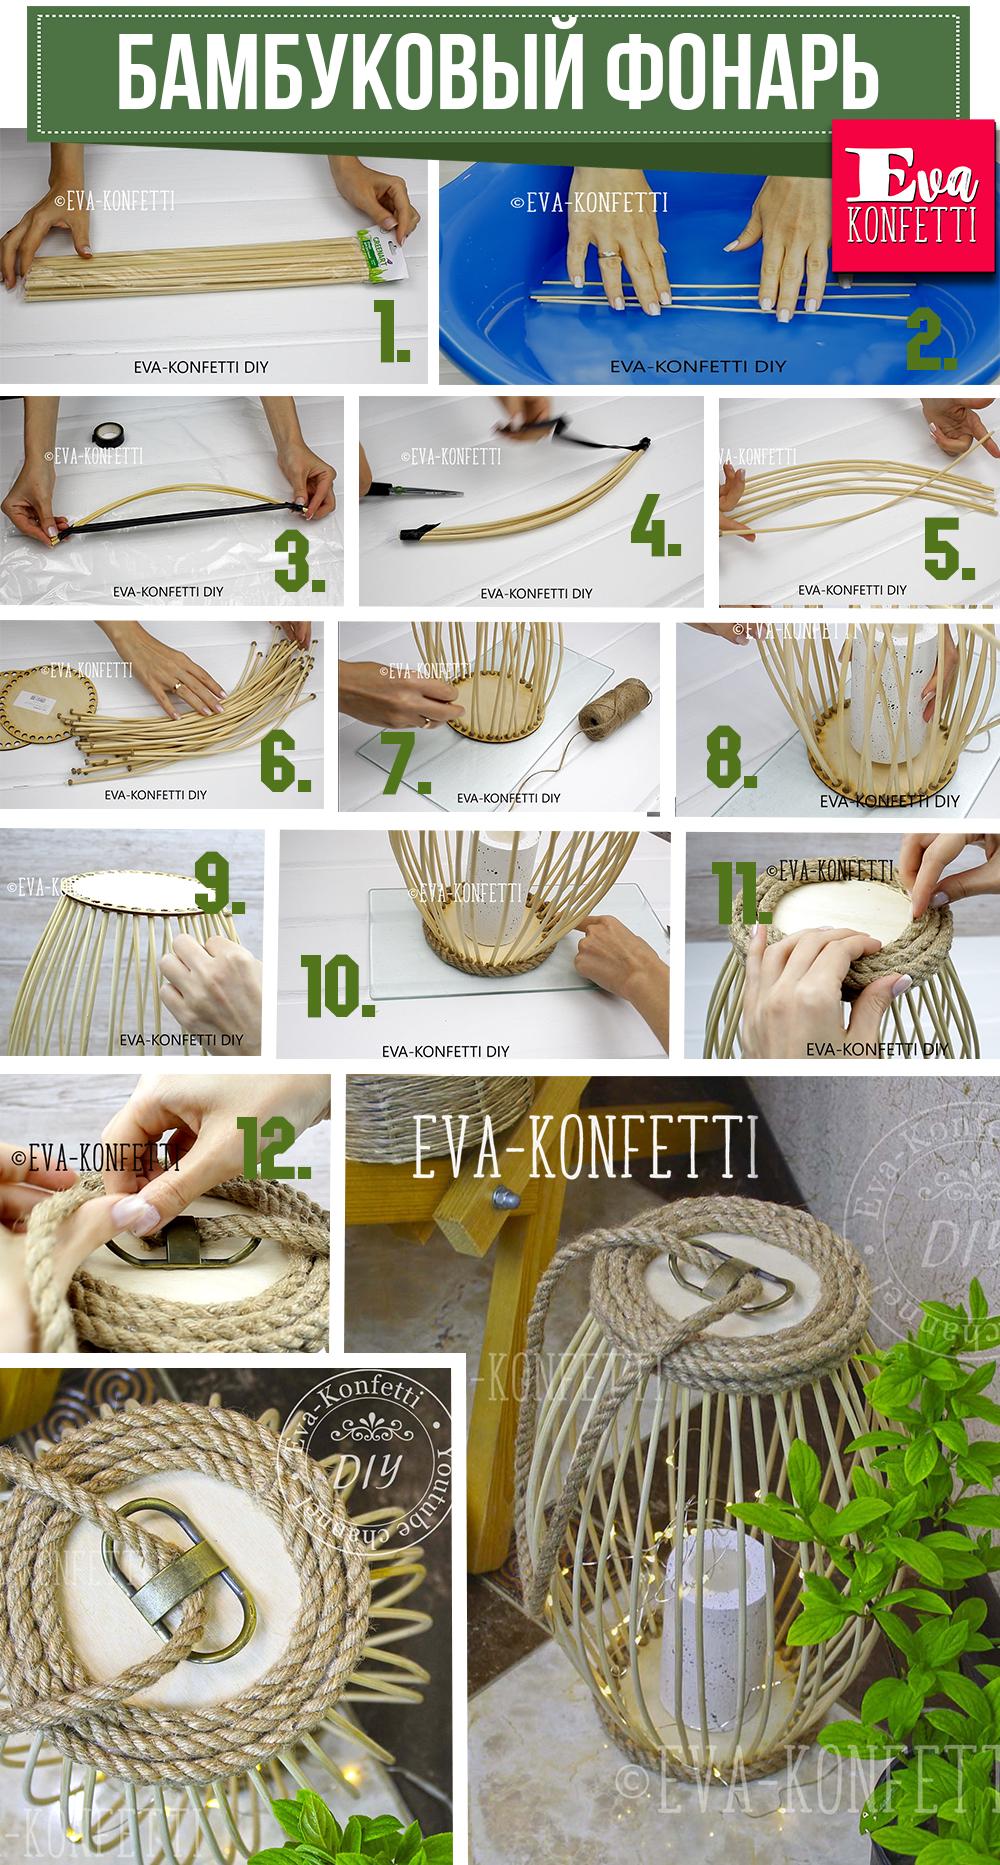 Как сделать декоративный фонарь из бамбуковых палочек (видео мастер-класс)